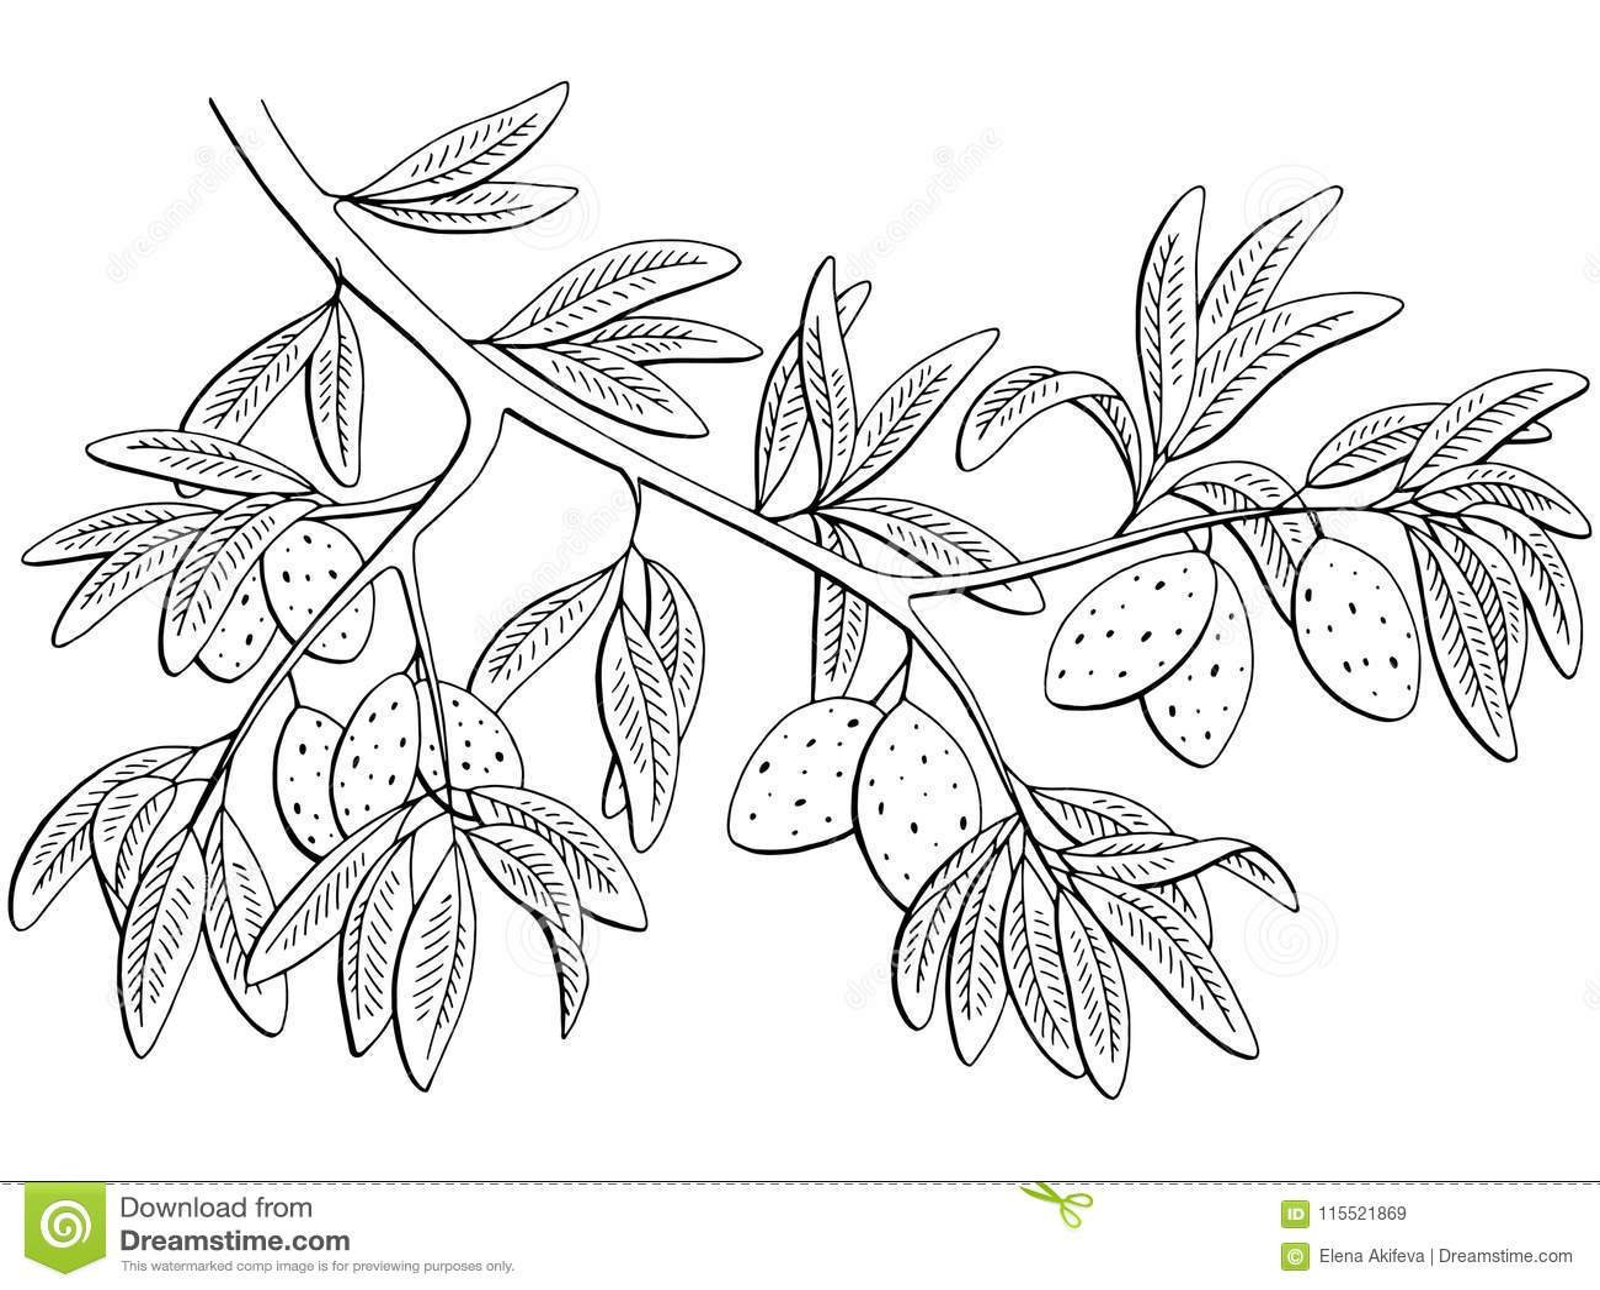 O branco preto gráfico da porca da amêndoa isolou o vetor da ilustração do esboço do ramo